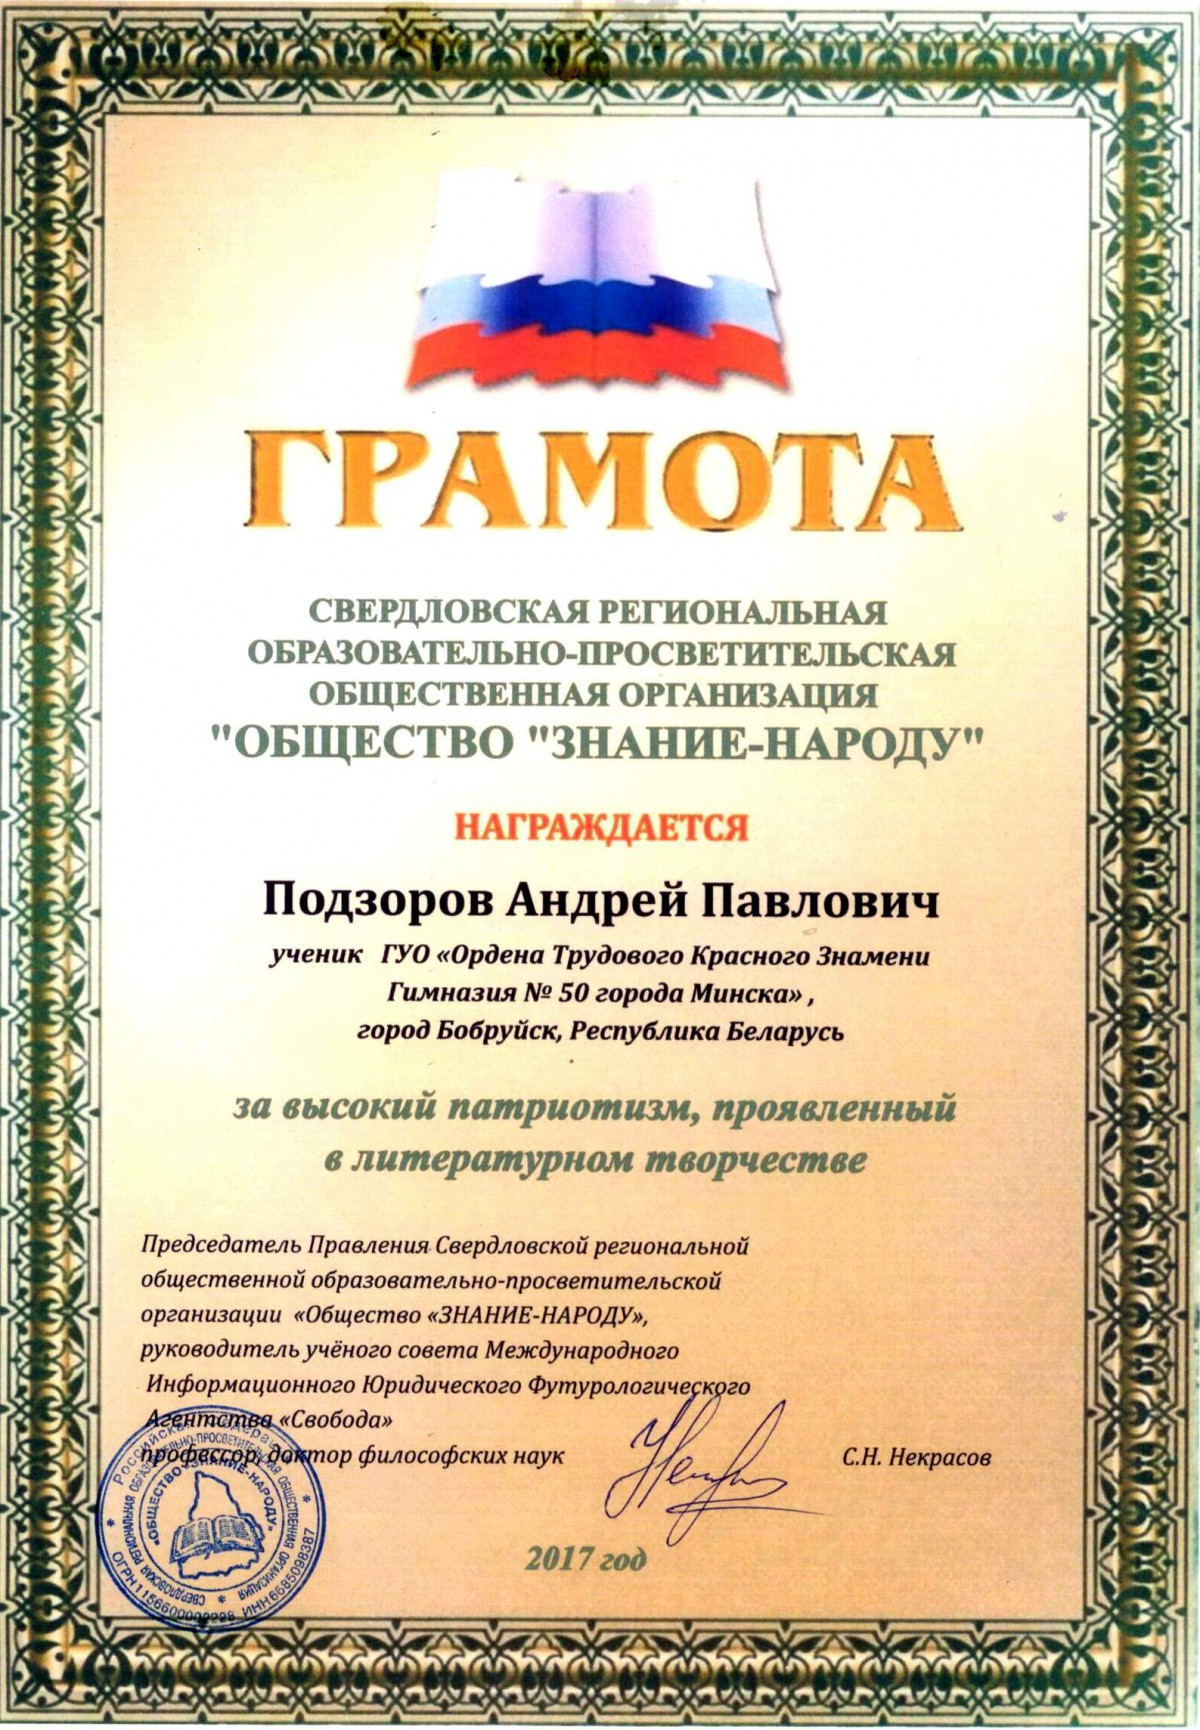 Школьники из Бобруйска получили медали